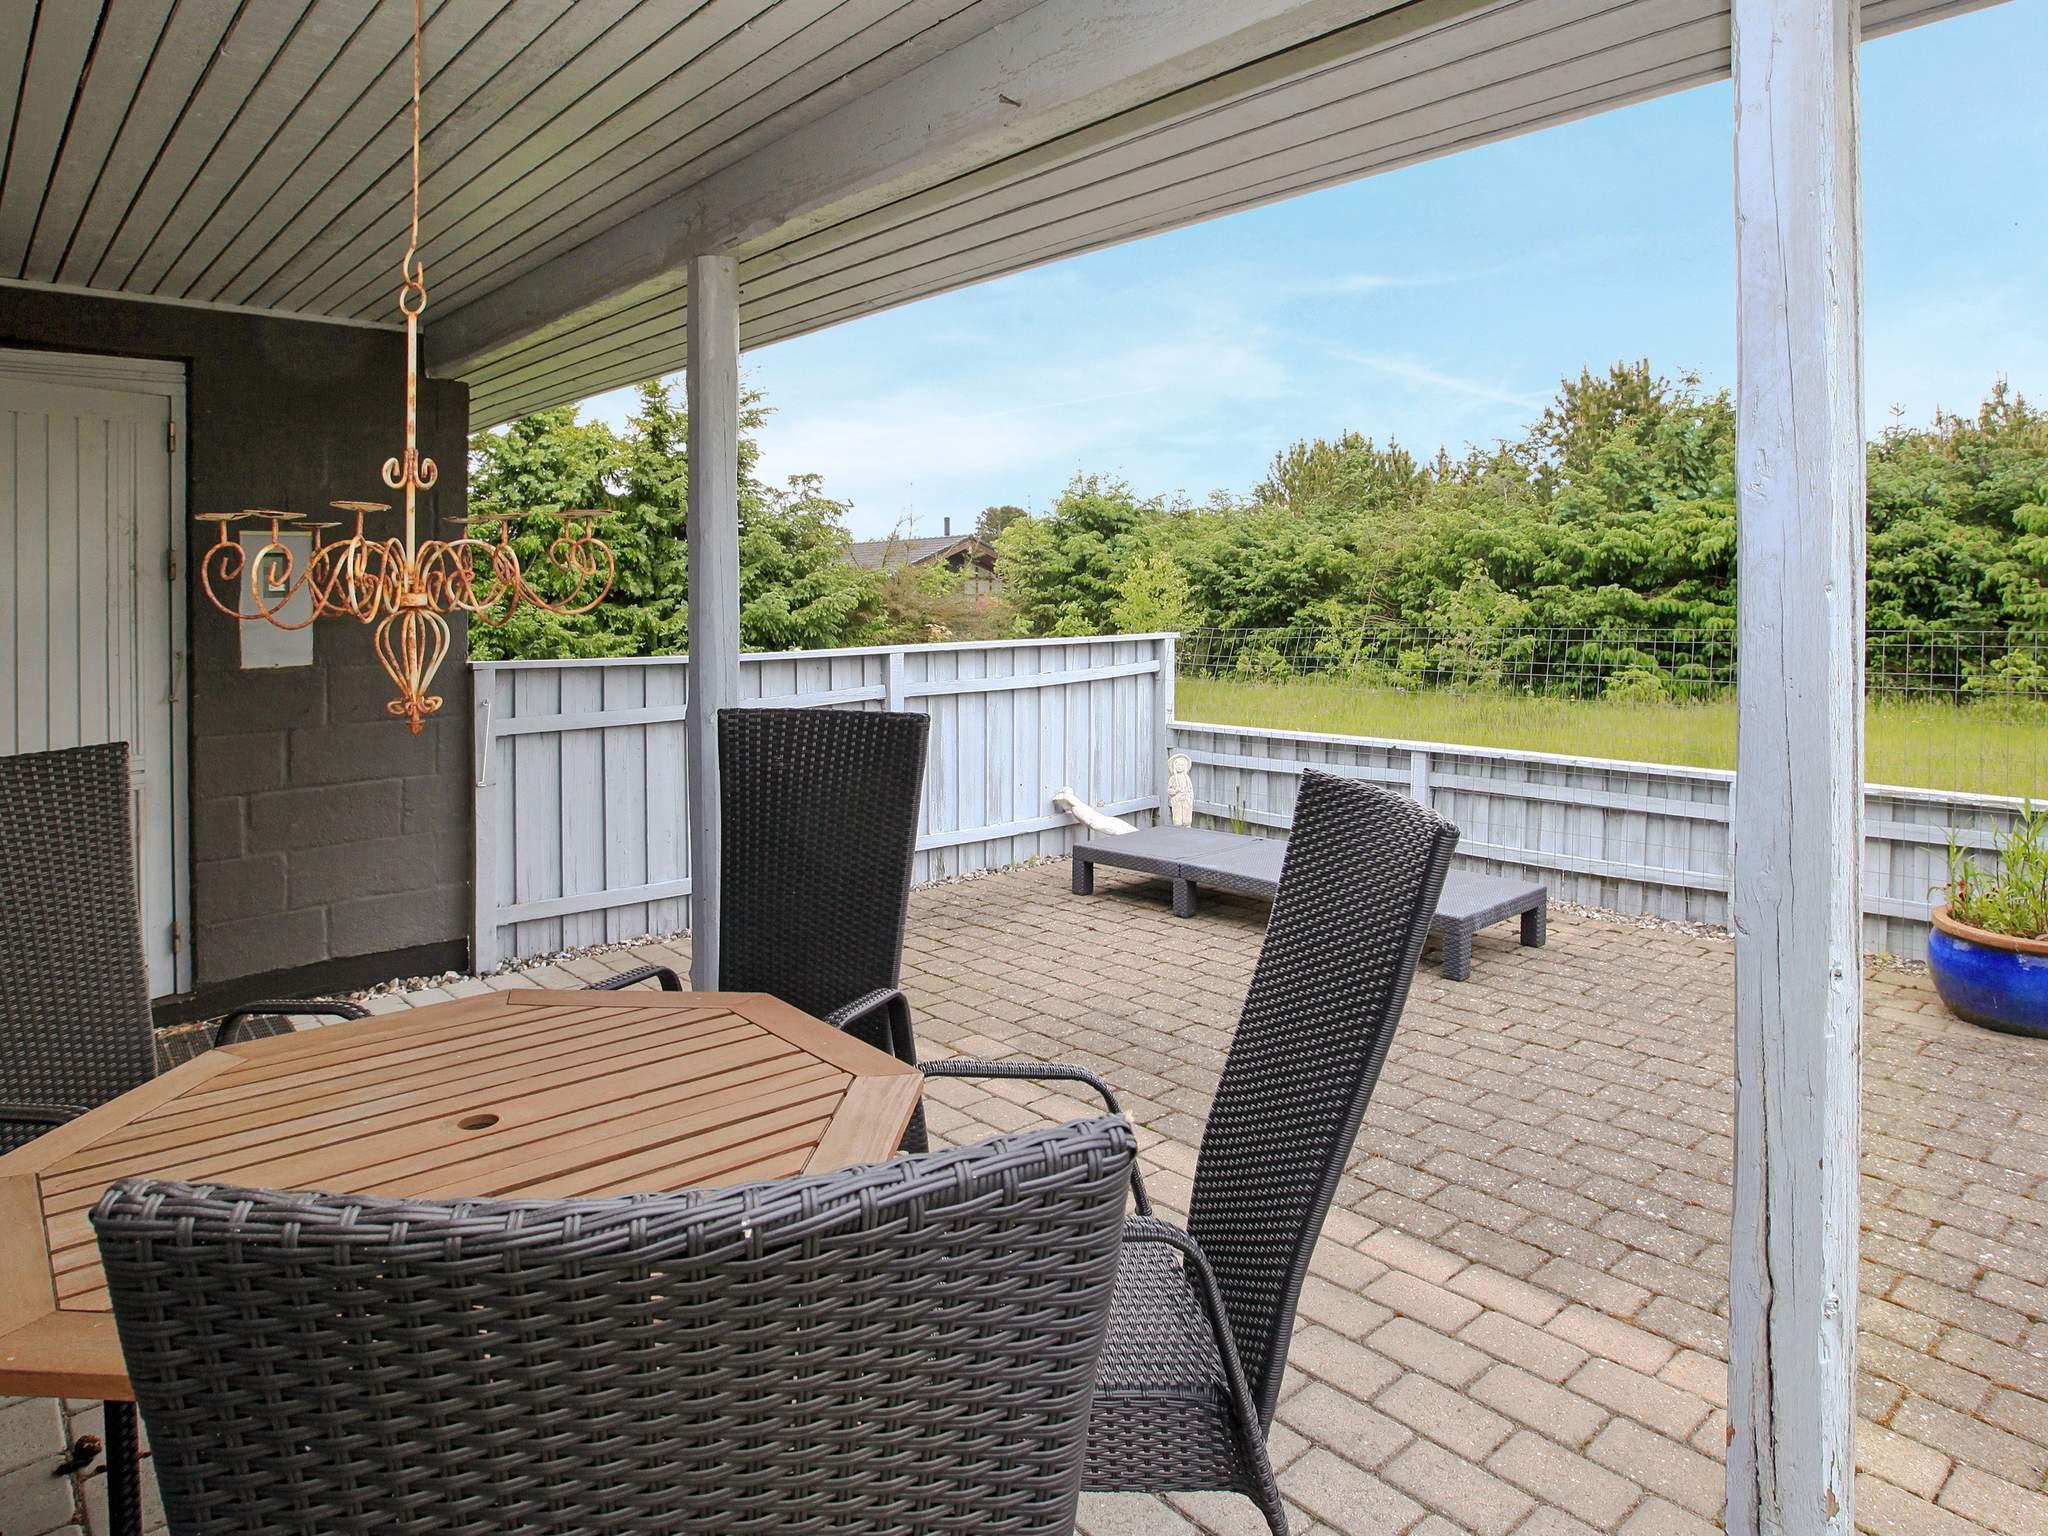 Ferienhaus Hals/Koldkær (359577), Hals, , Nordostjütland, Dänemark, Bild 17